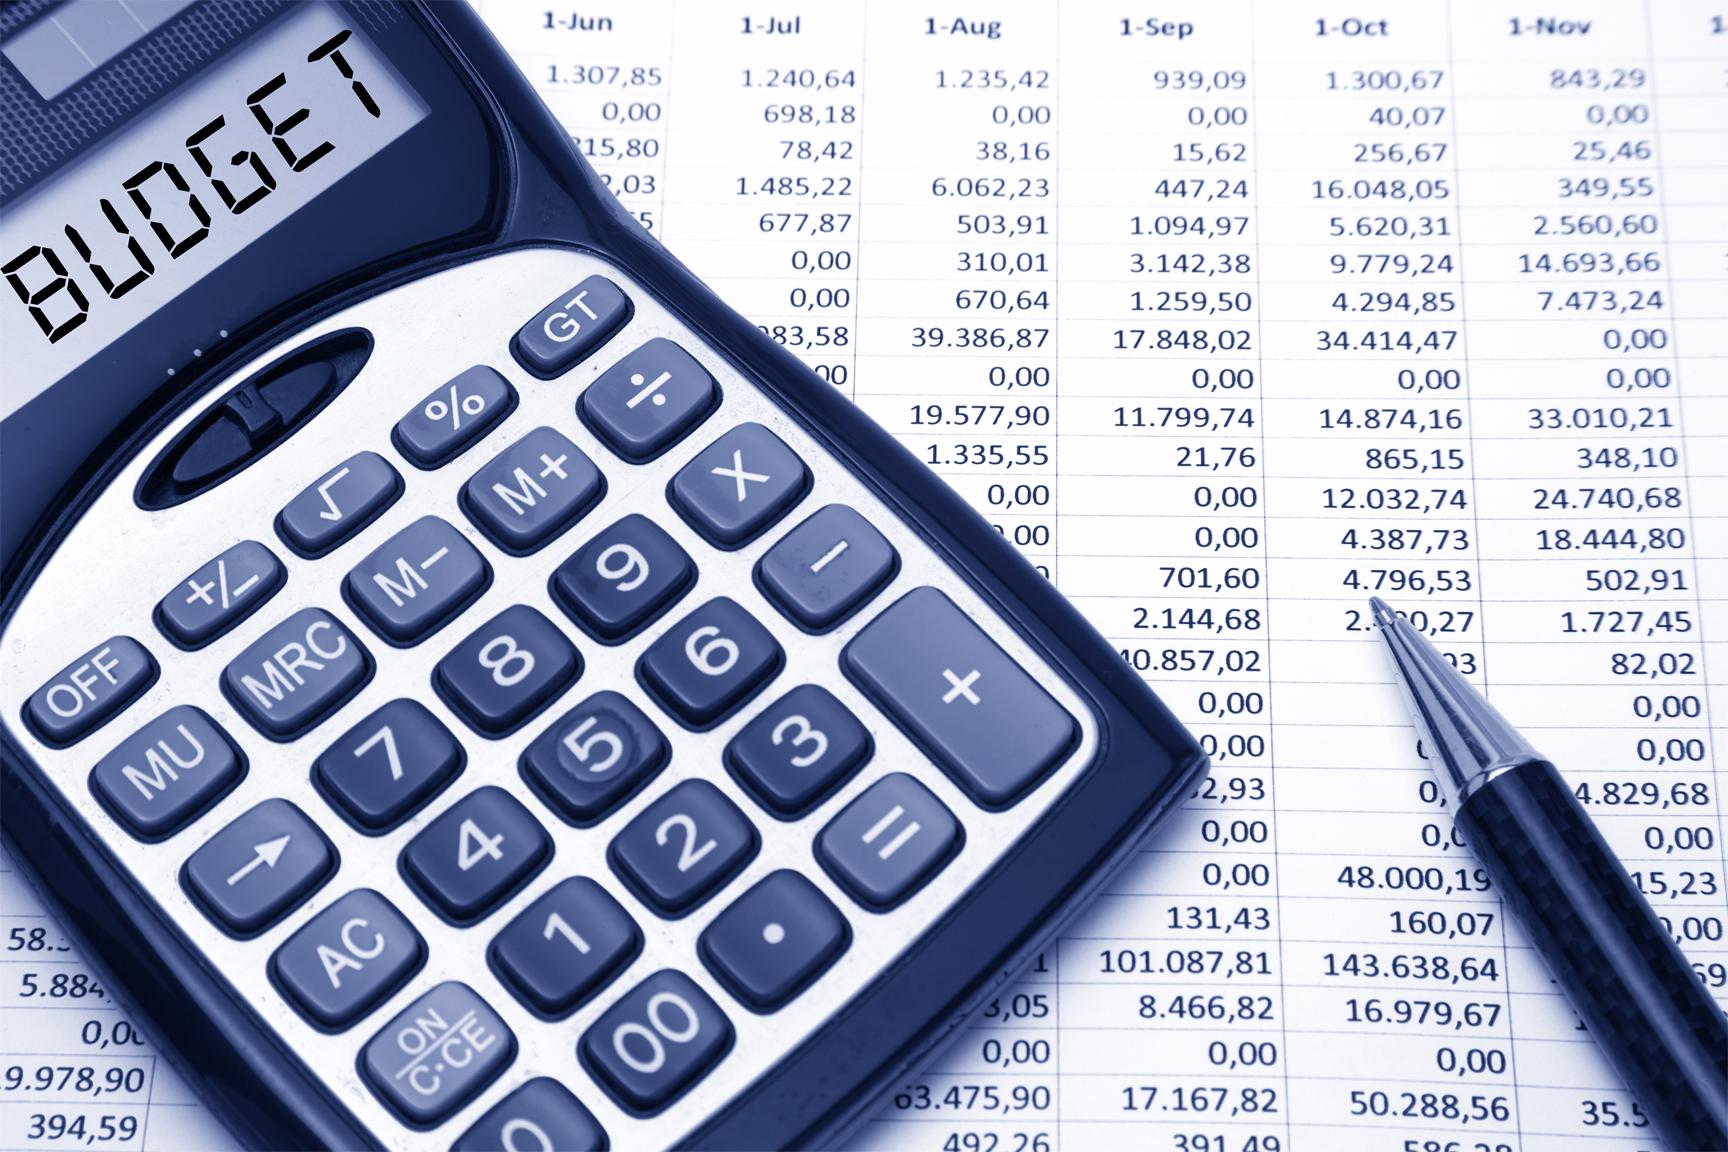 アプリ開発費の予算、どうやって確保する?